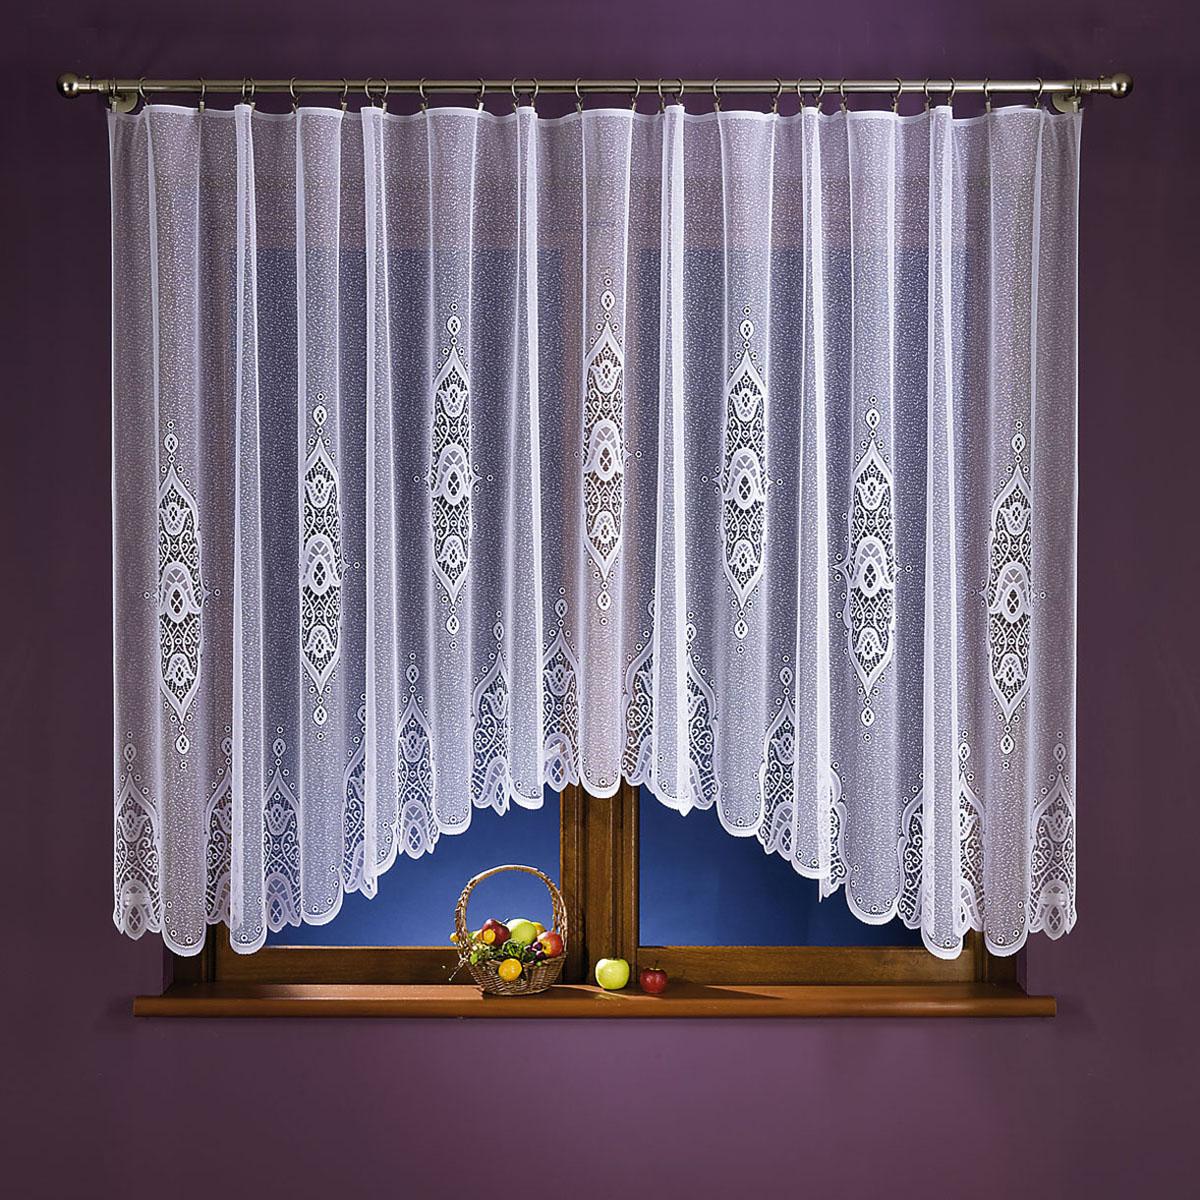 Гардина Wisan, цвет: белый, ширина 400 см, высота 160 см. 153А153АЖаккардовая гардина белого цвета, ширина 400* высота 160Размеры: ширина 400* высота 160